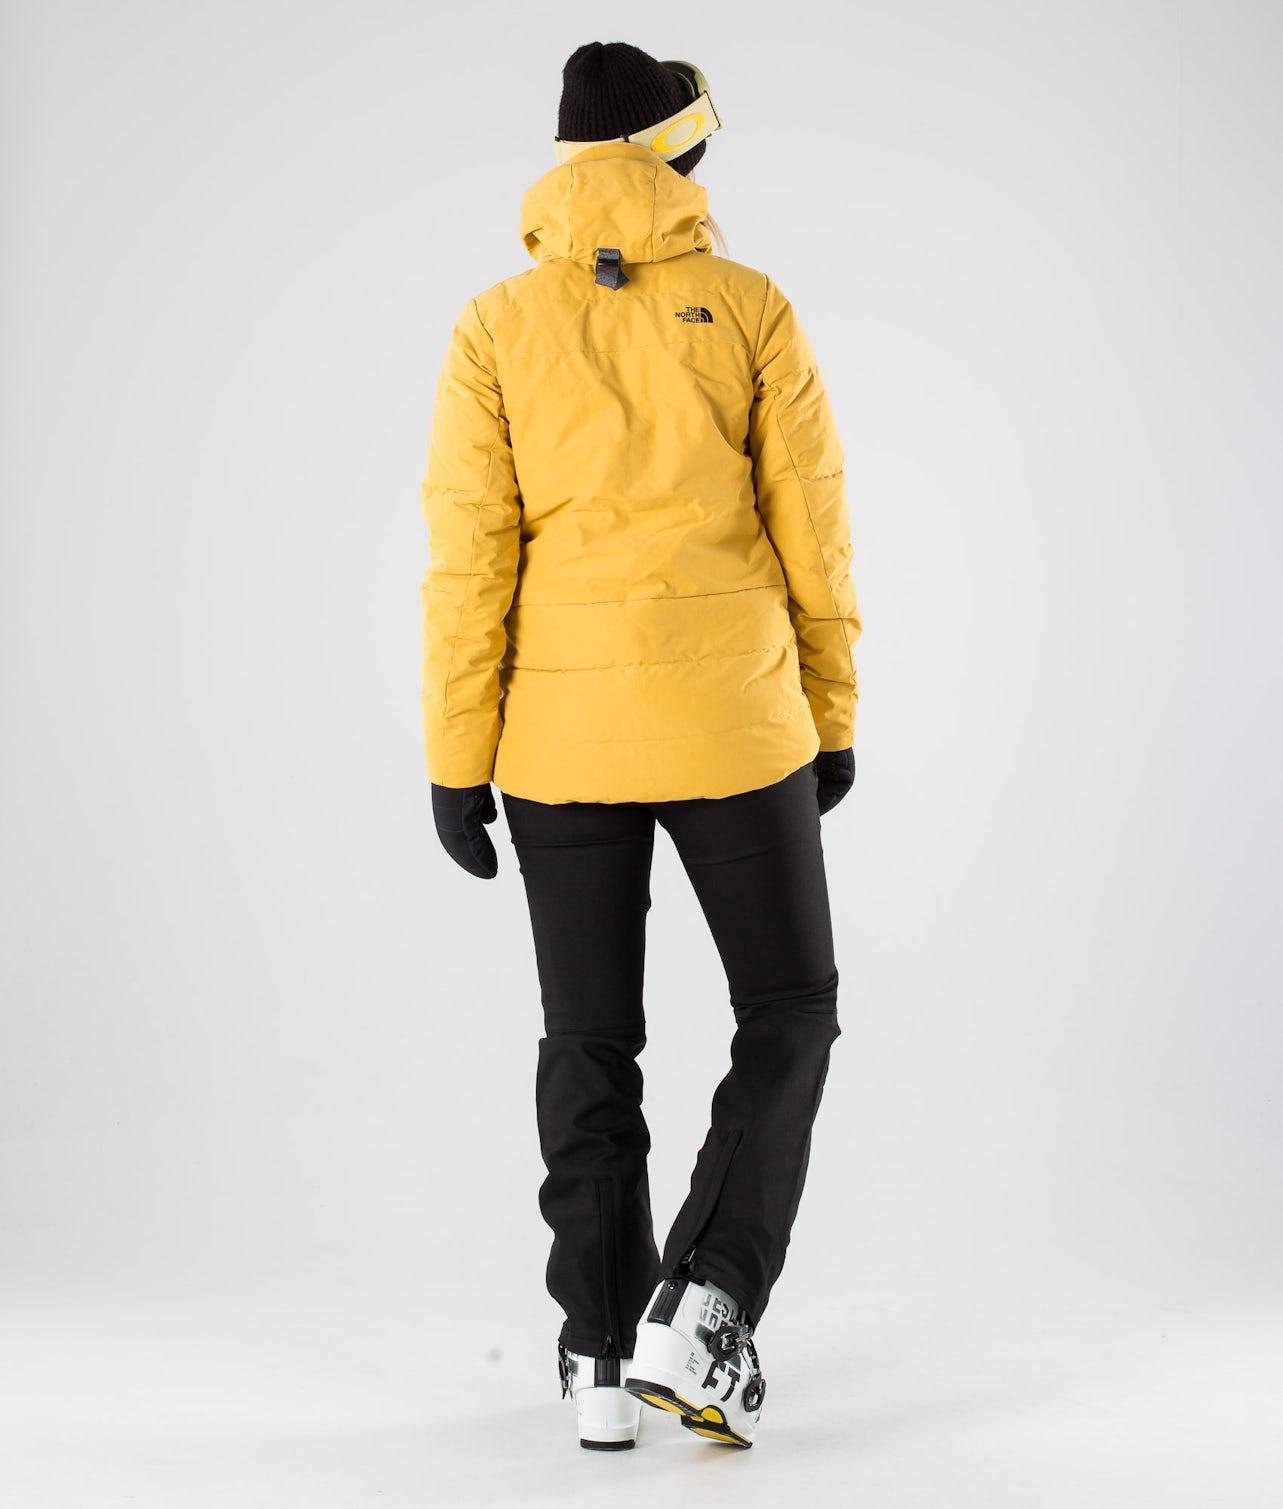 Kjøp Pallie Down Skijakke fra The North Face på Ridestore.no - Hos oss har du alltid fri frakt, fri retur og 30 dagers åpent kjøp!